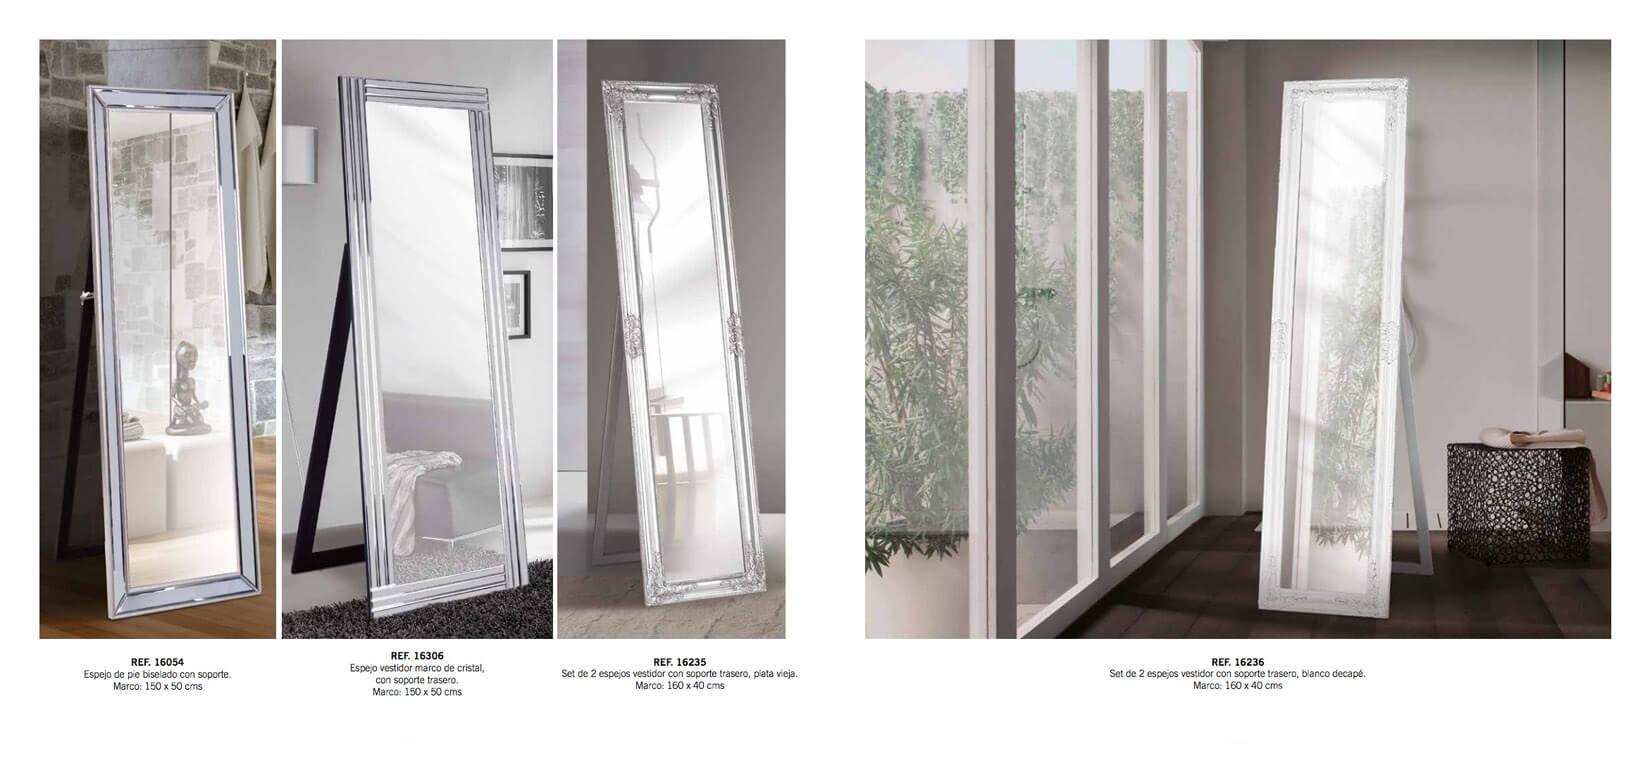 Interiorismo Espejos GYC - Ref. 0020